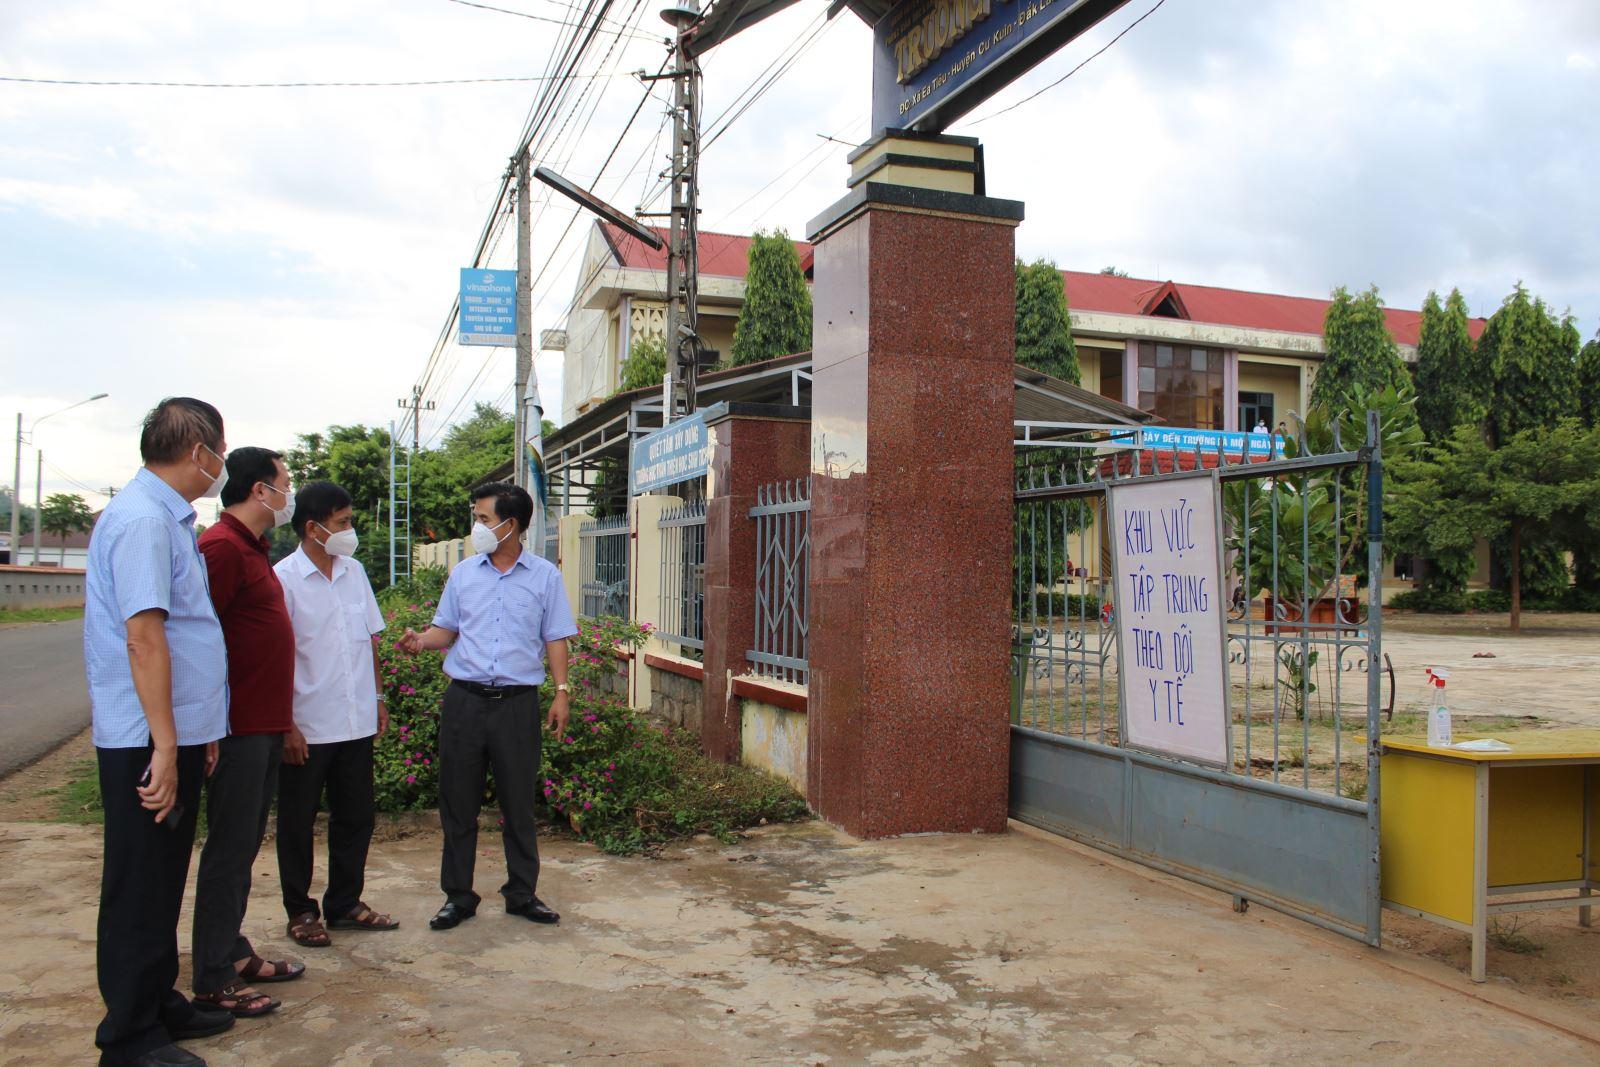 Lãnh đạo huyện Cư Kuin đi kiểm tra công tác phòng, chống dịch (Ảnh: Nguyễn Tứ Việt)